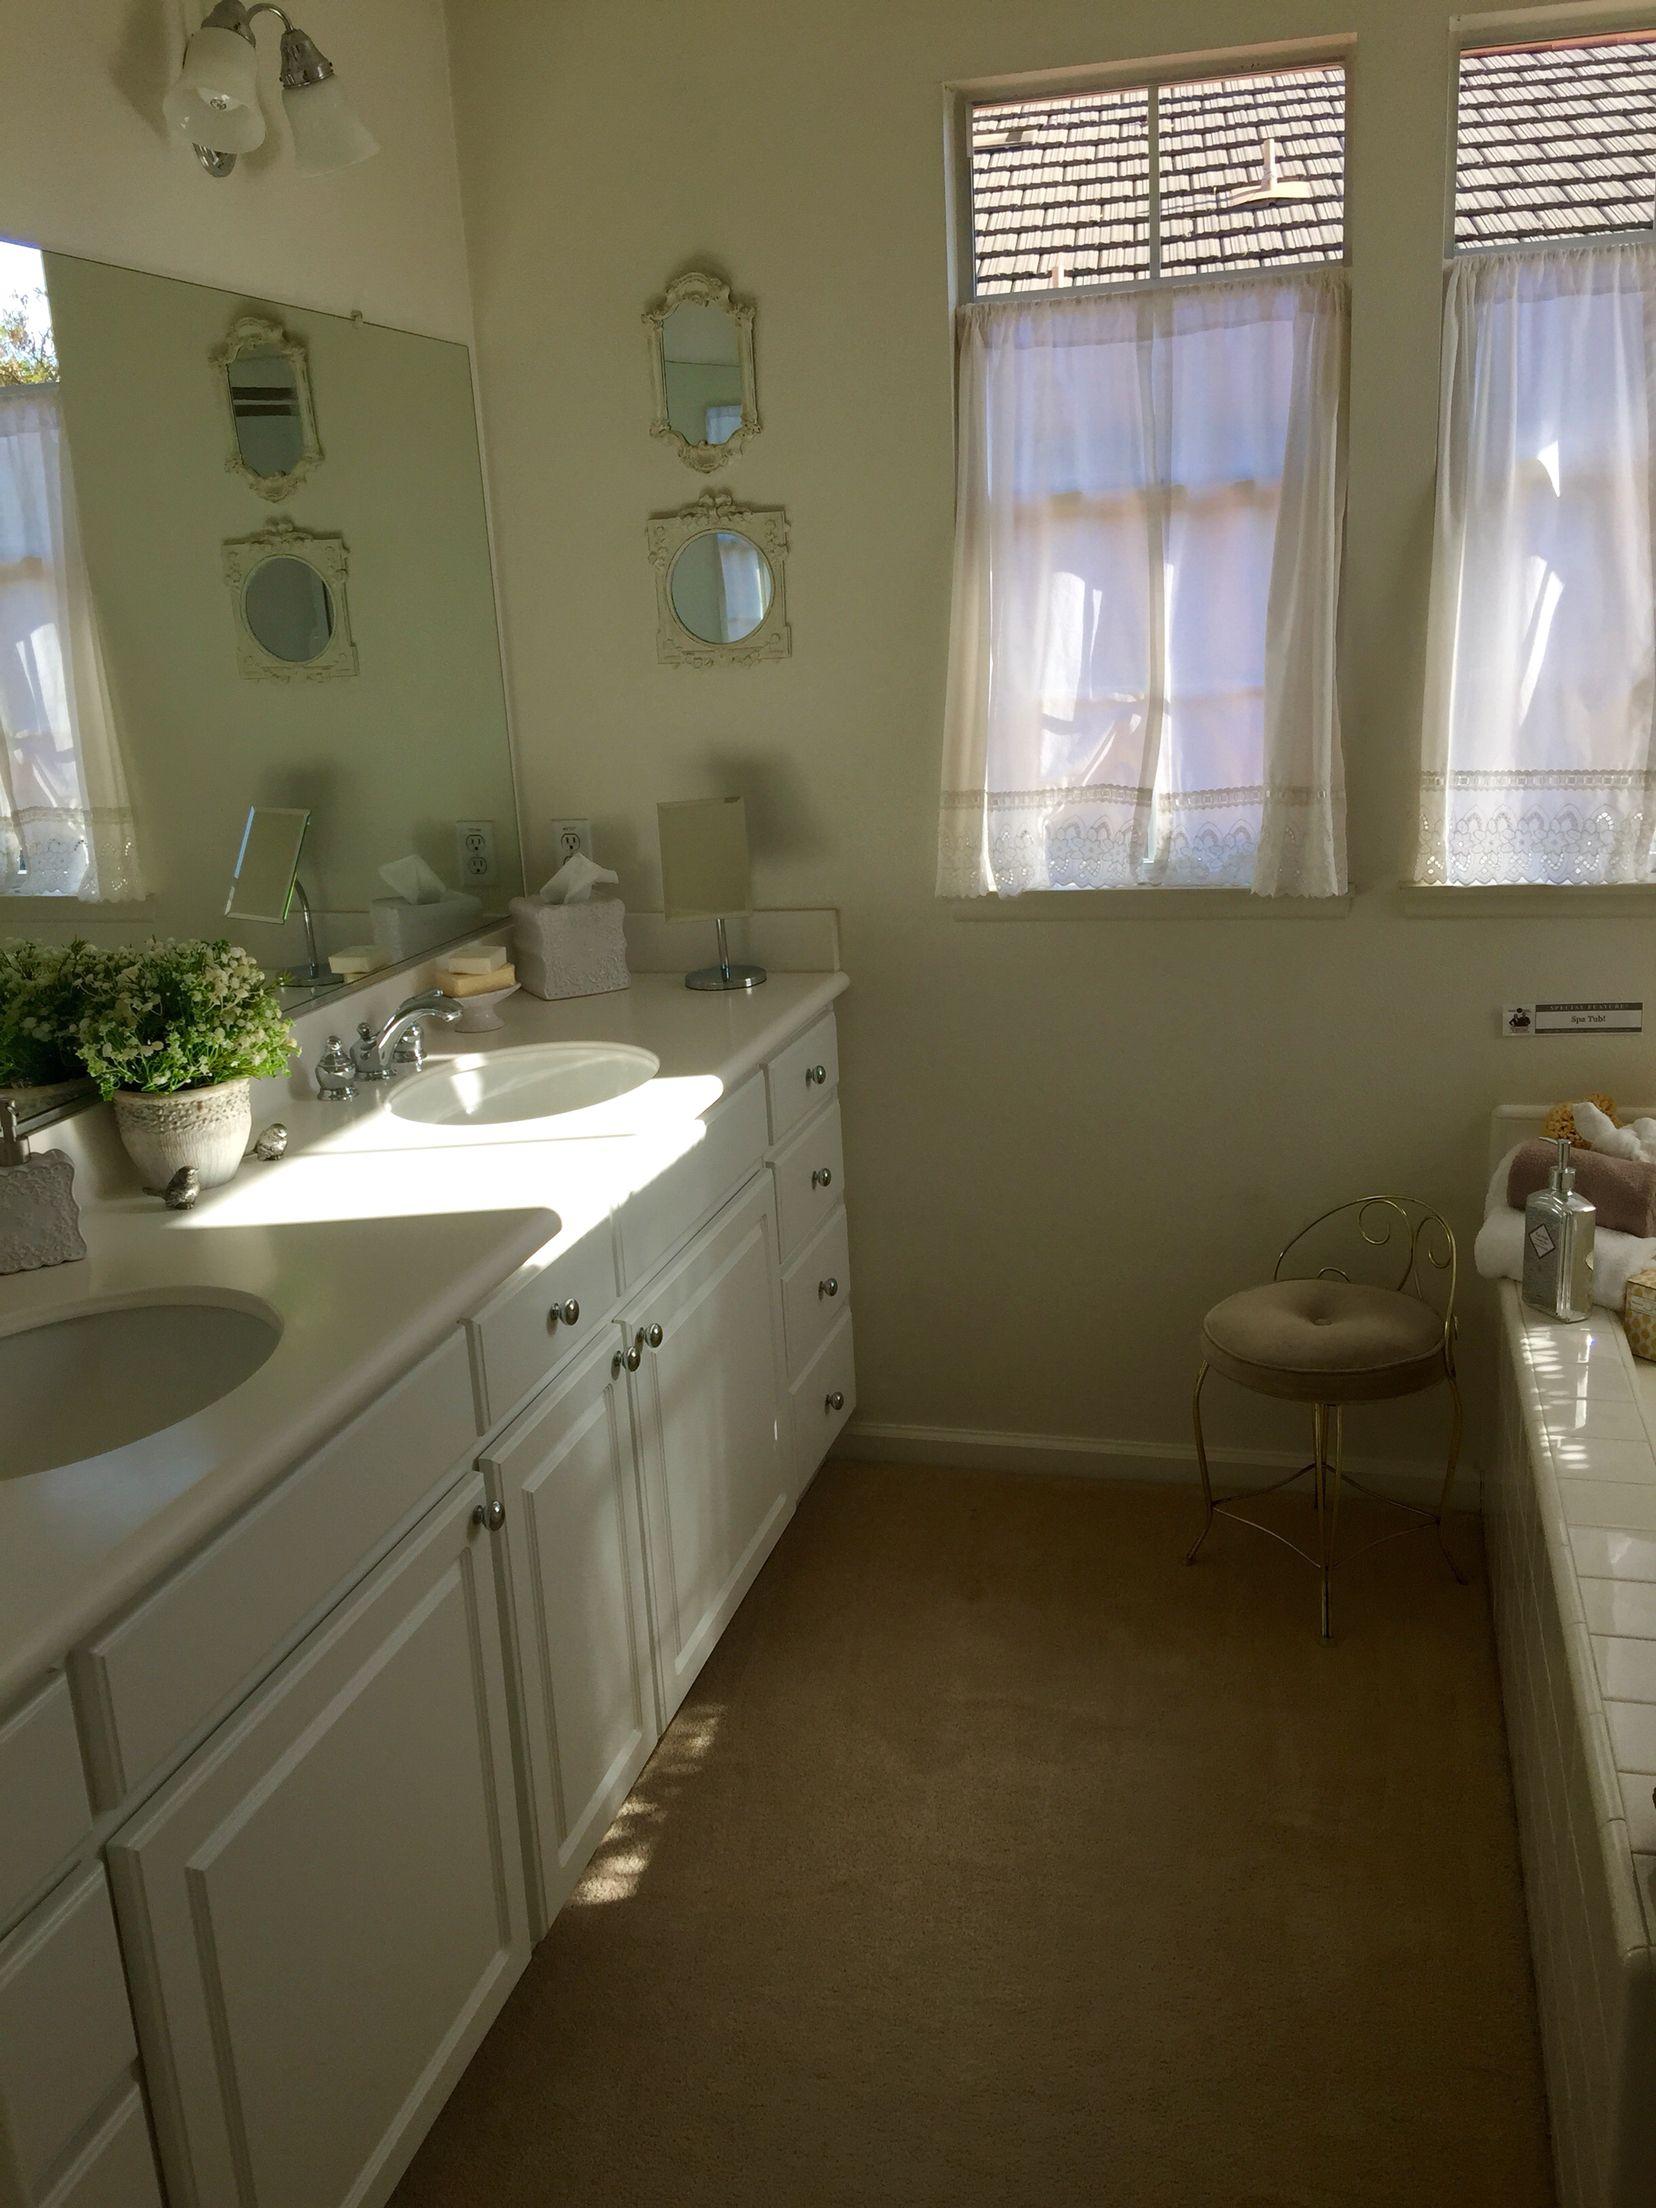 Now for sale in Rancho Santa Margarita, CA. 1,715 sq ft. 3 bedroom ...